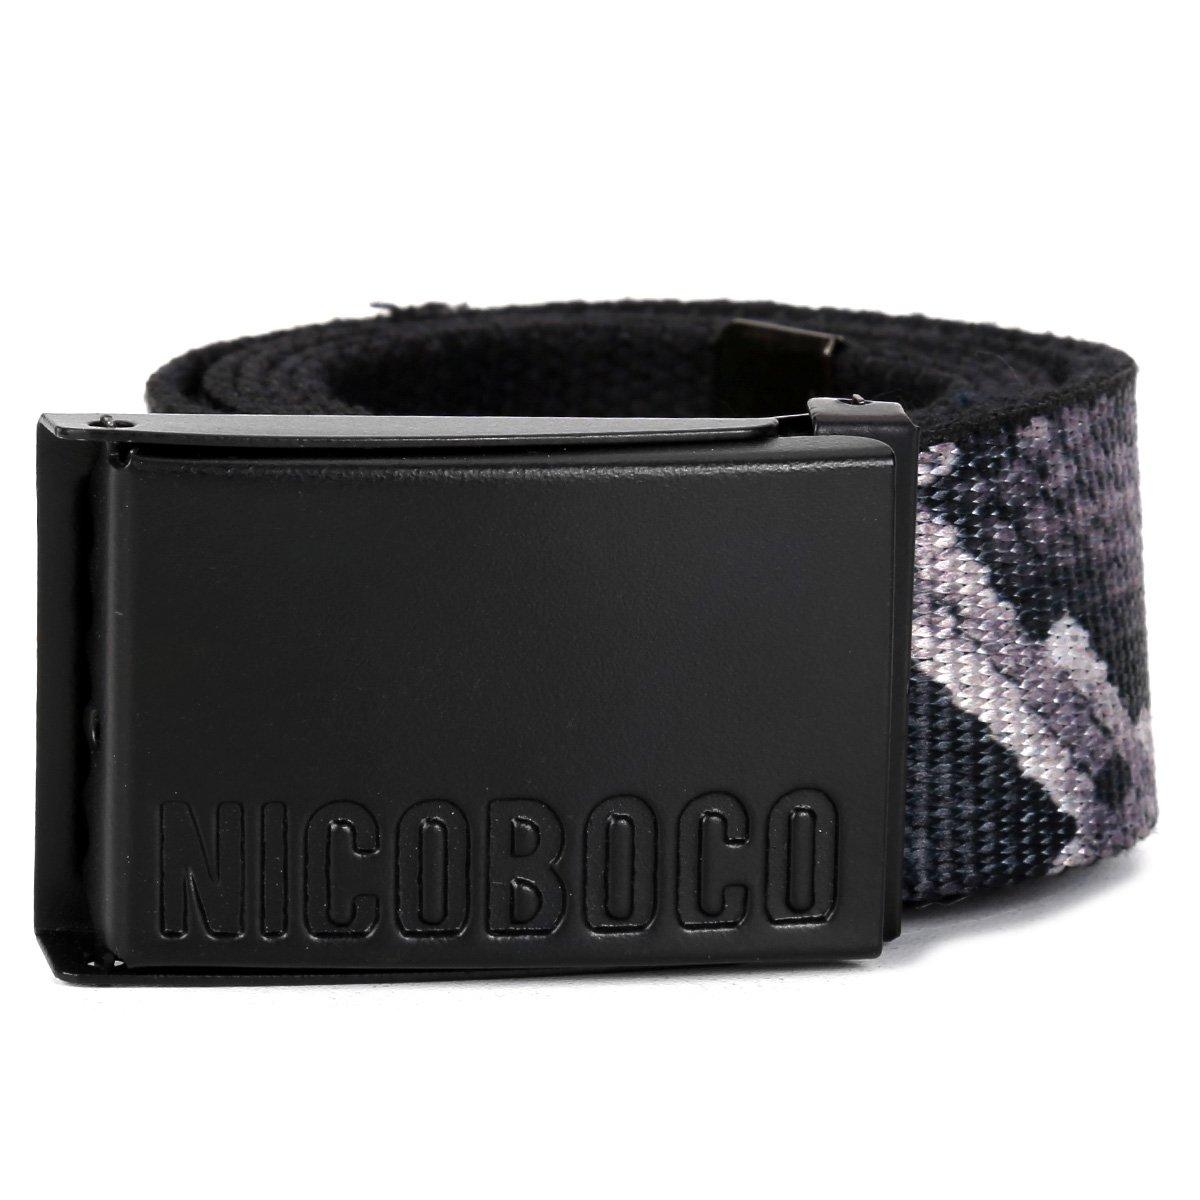 Cinto Nicoboco De Lona Snake - Compre Agora  22eb280d46d